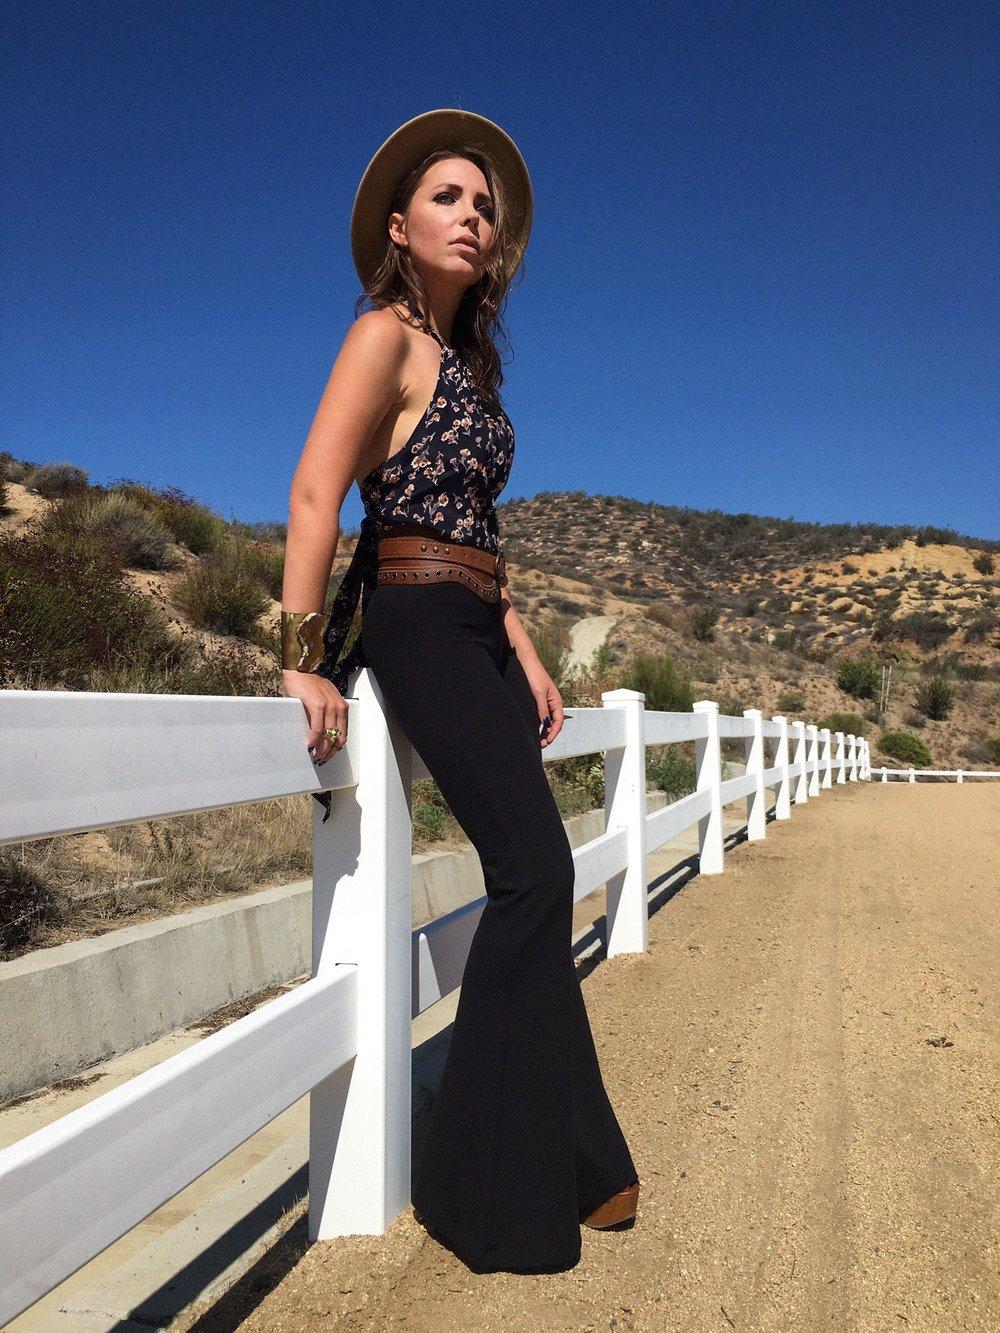 ERICA PEREBIJNOS - Founder + Creative Director